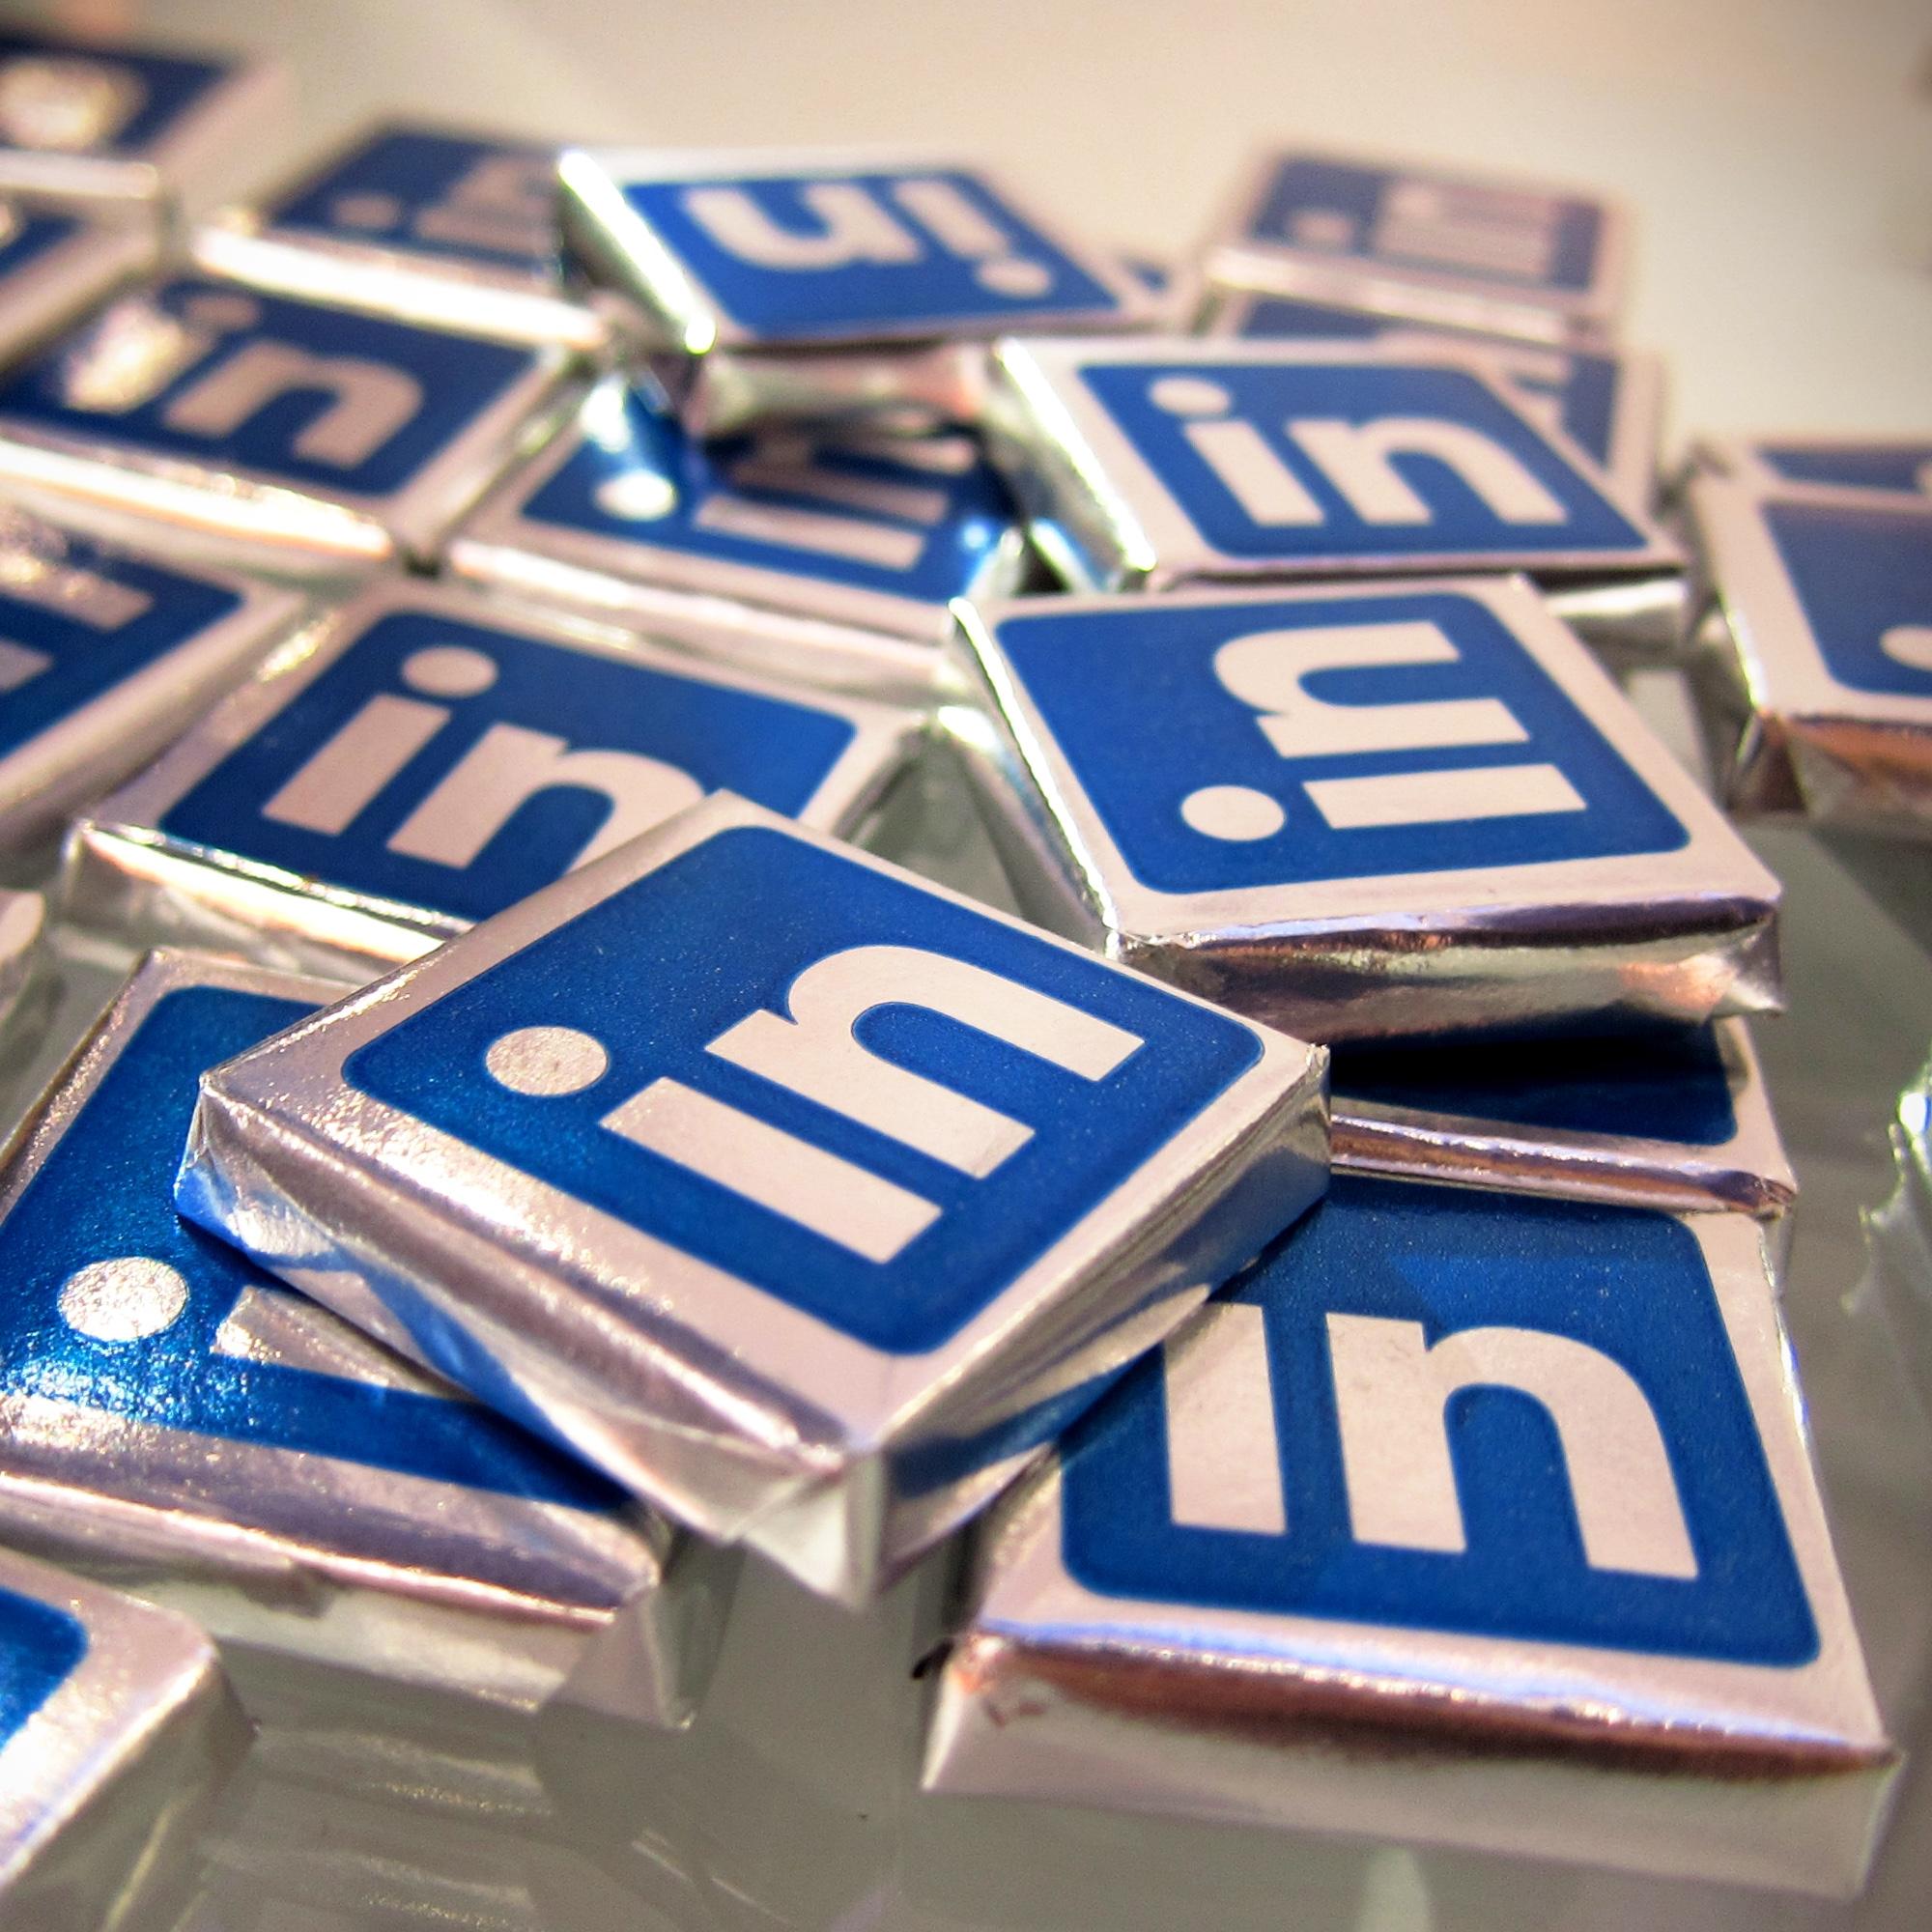 Foto: Schokoladentäfelchen mit LinkedIn-Logo